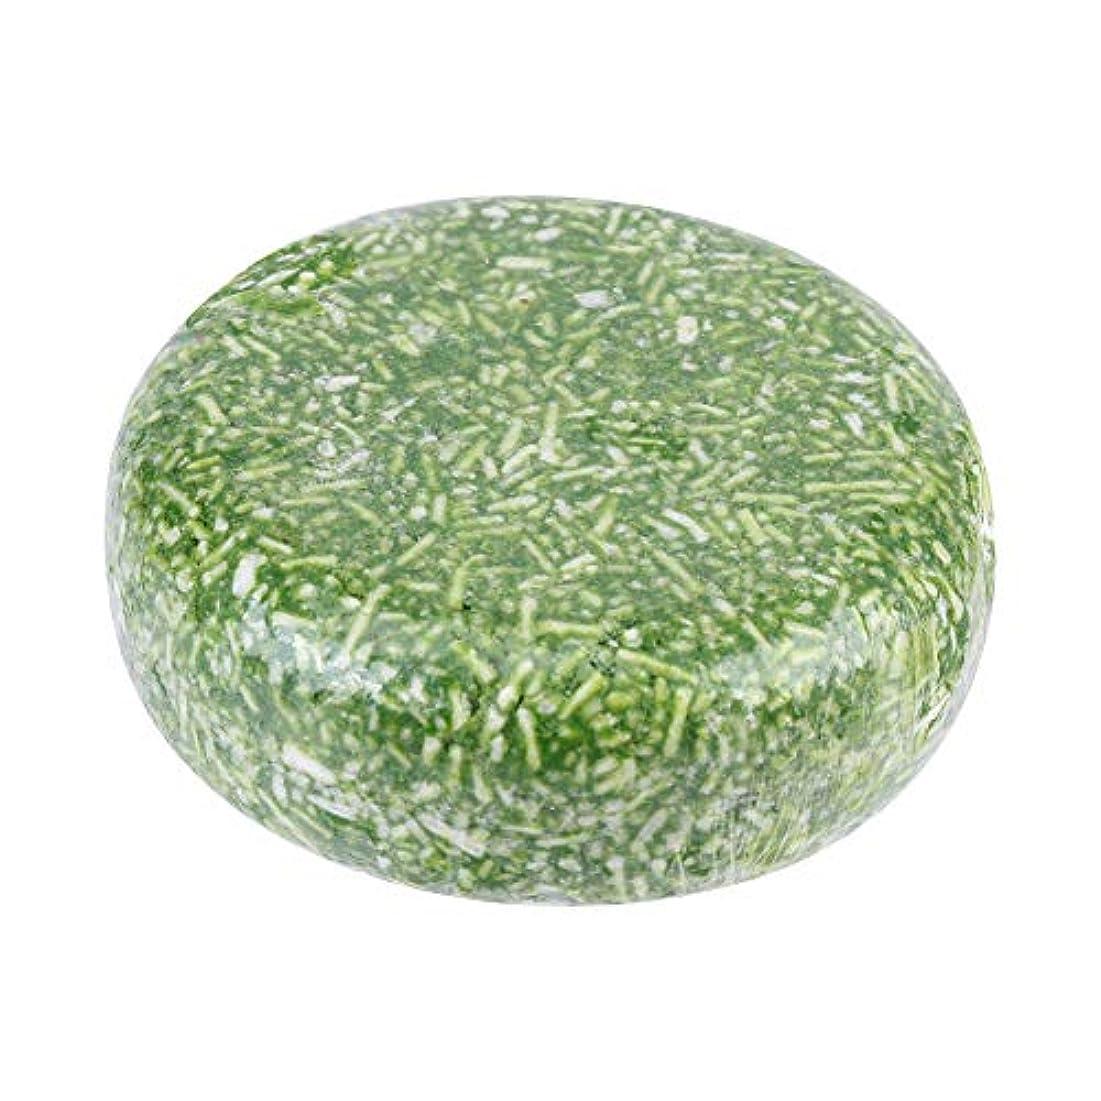 再発するドキドキ里親オーガニック手作り冷たいシナモンシャンプーバー100%ピュアヘアシャンプー(グリーン)